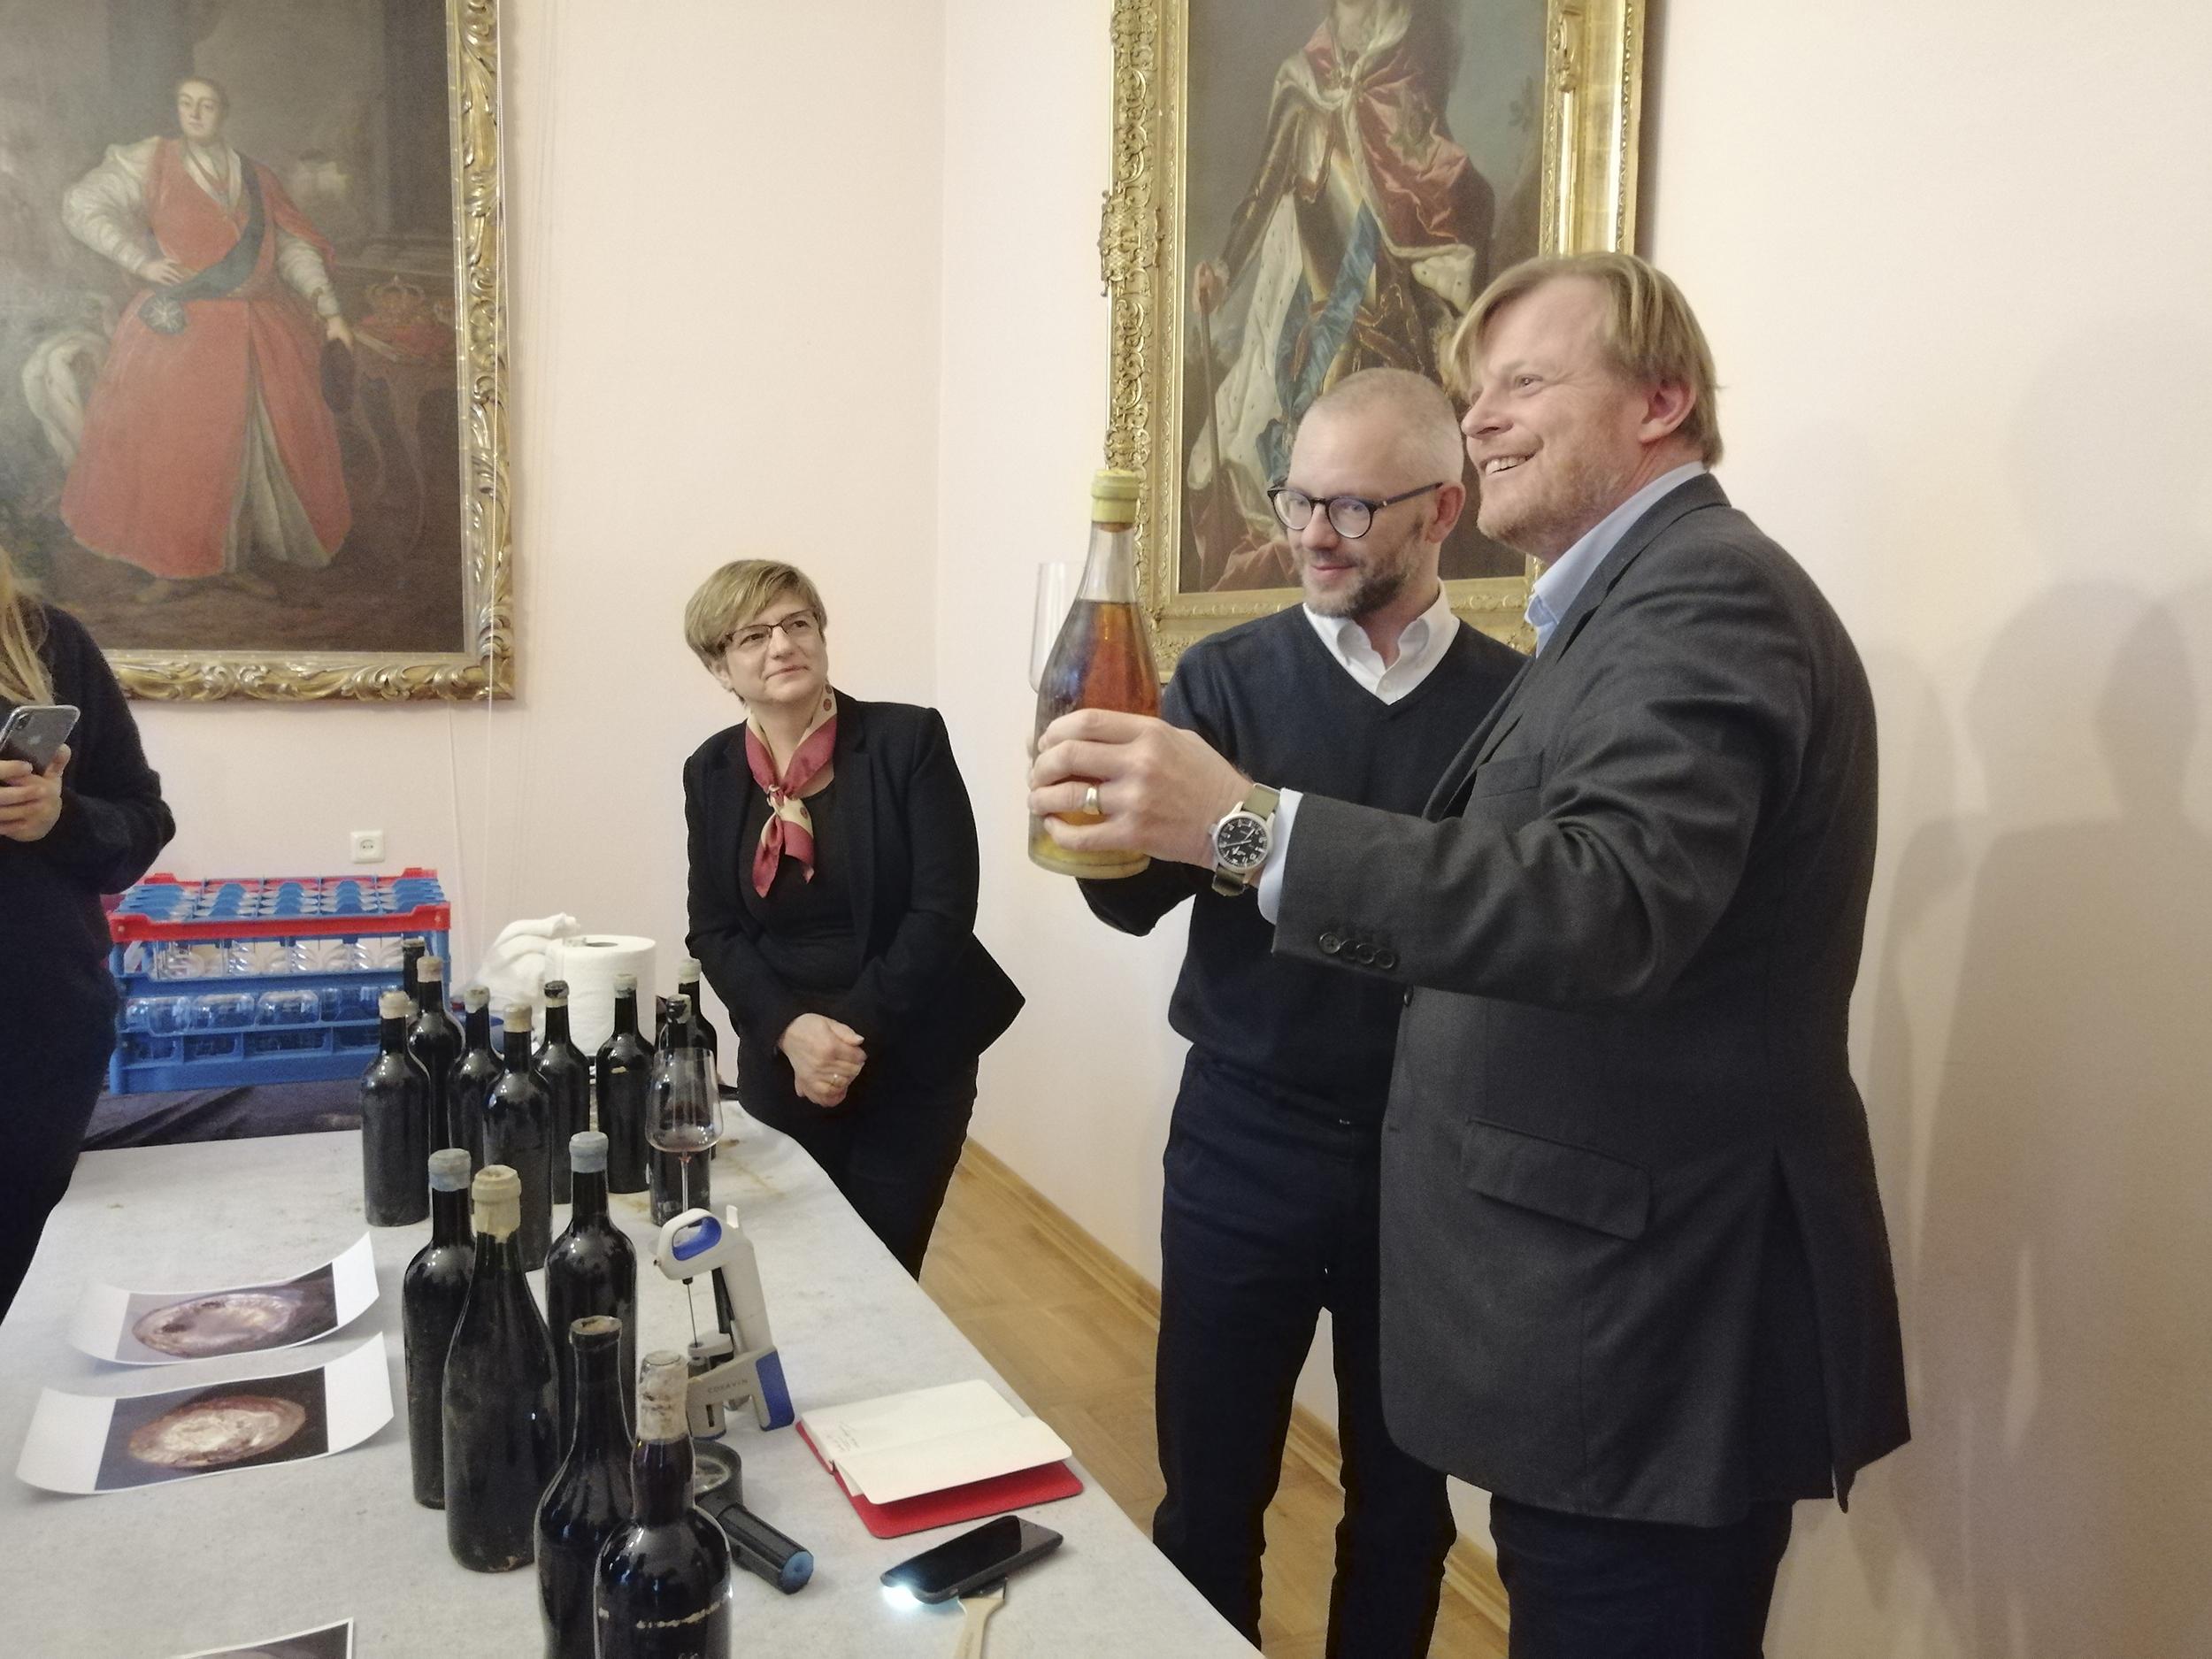 Fotografia. Dwaj mężczyźni widoczni z lewego profilu. Jeden trzyma wysoko uniesiona butelkę z jasnego szkła, drugi kieliszek z próbką wina. W tle uśmiechnięta kobieta w apaszce na szyi.